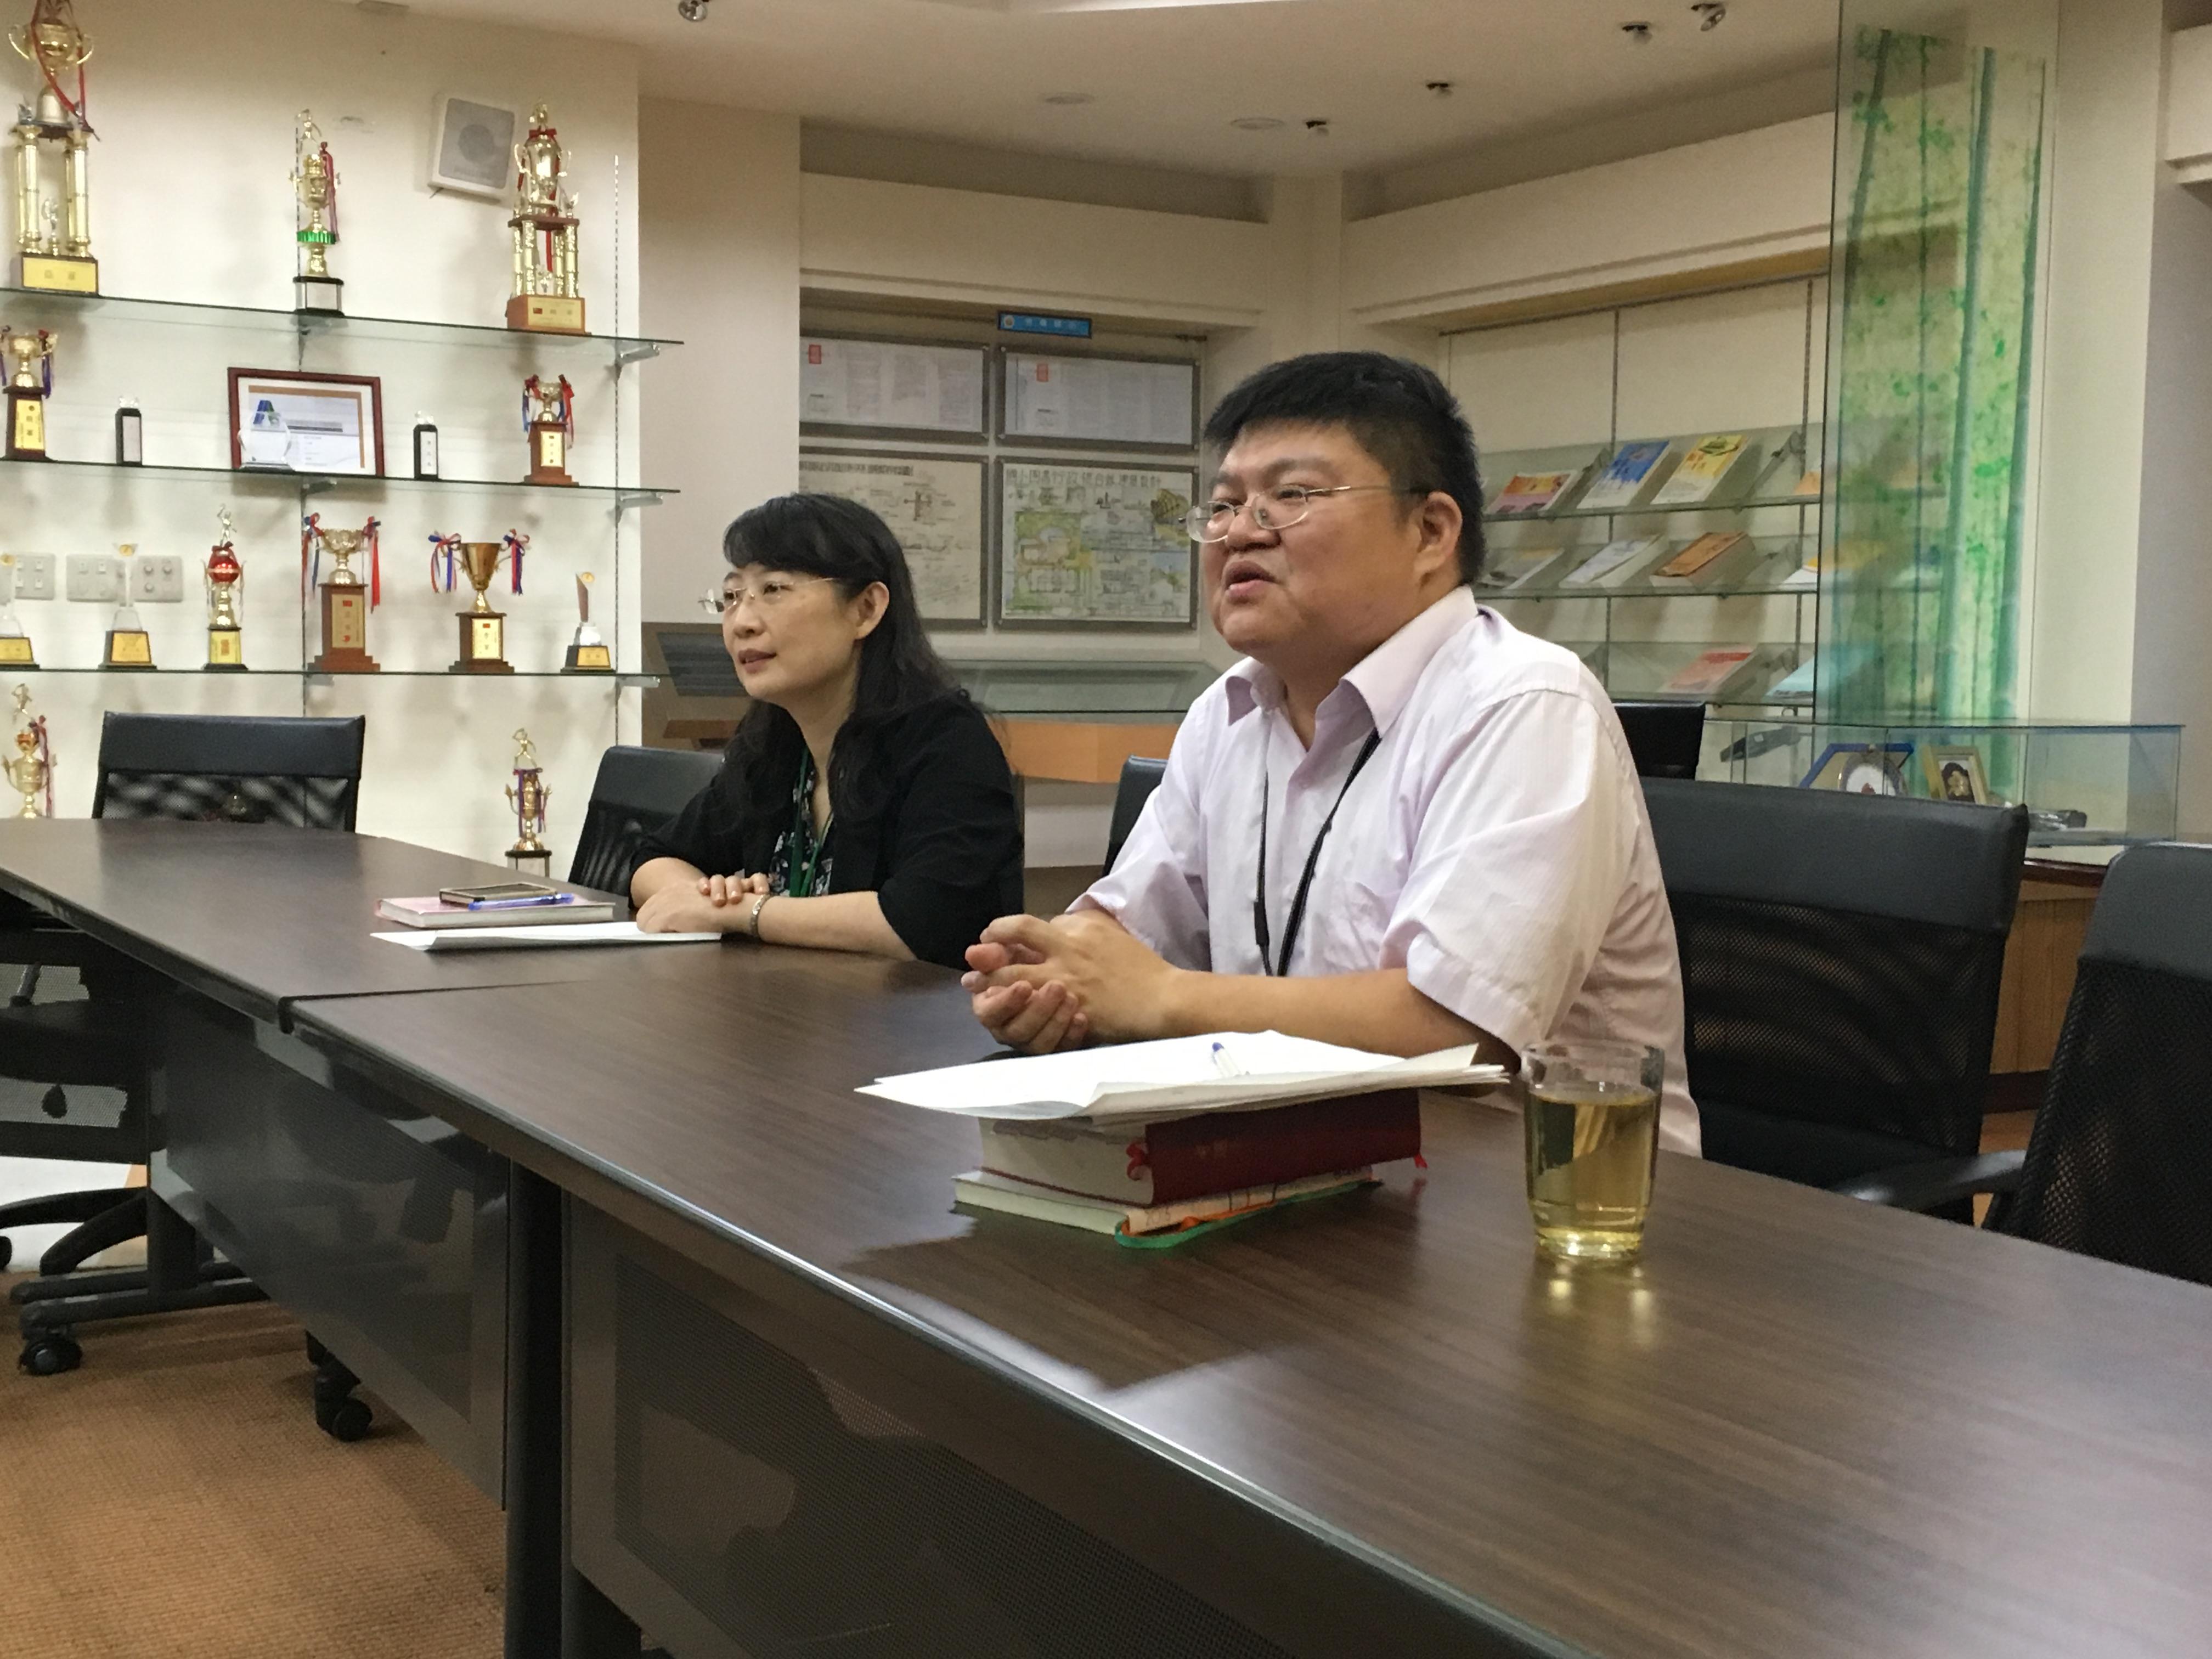 考試院特種考試司科長翁文彬表示,現為研擬階段,不排除改為單一制。攝影/羅紹齊